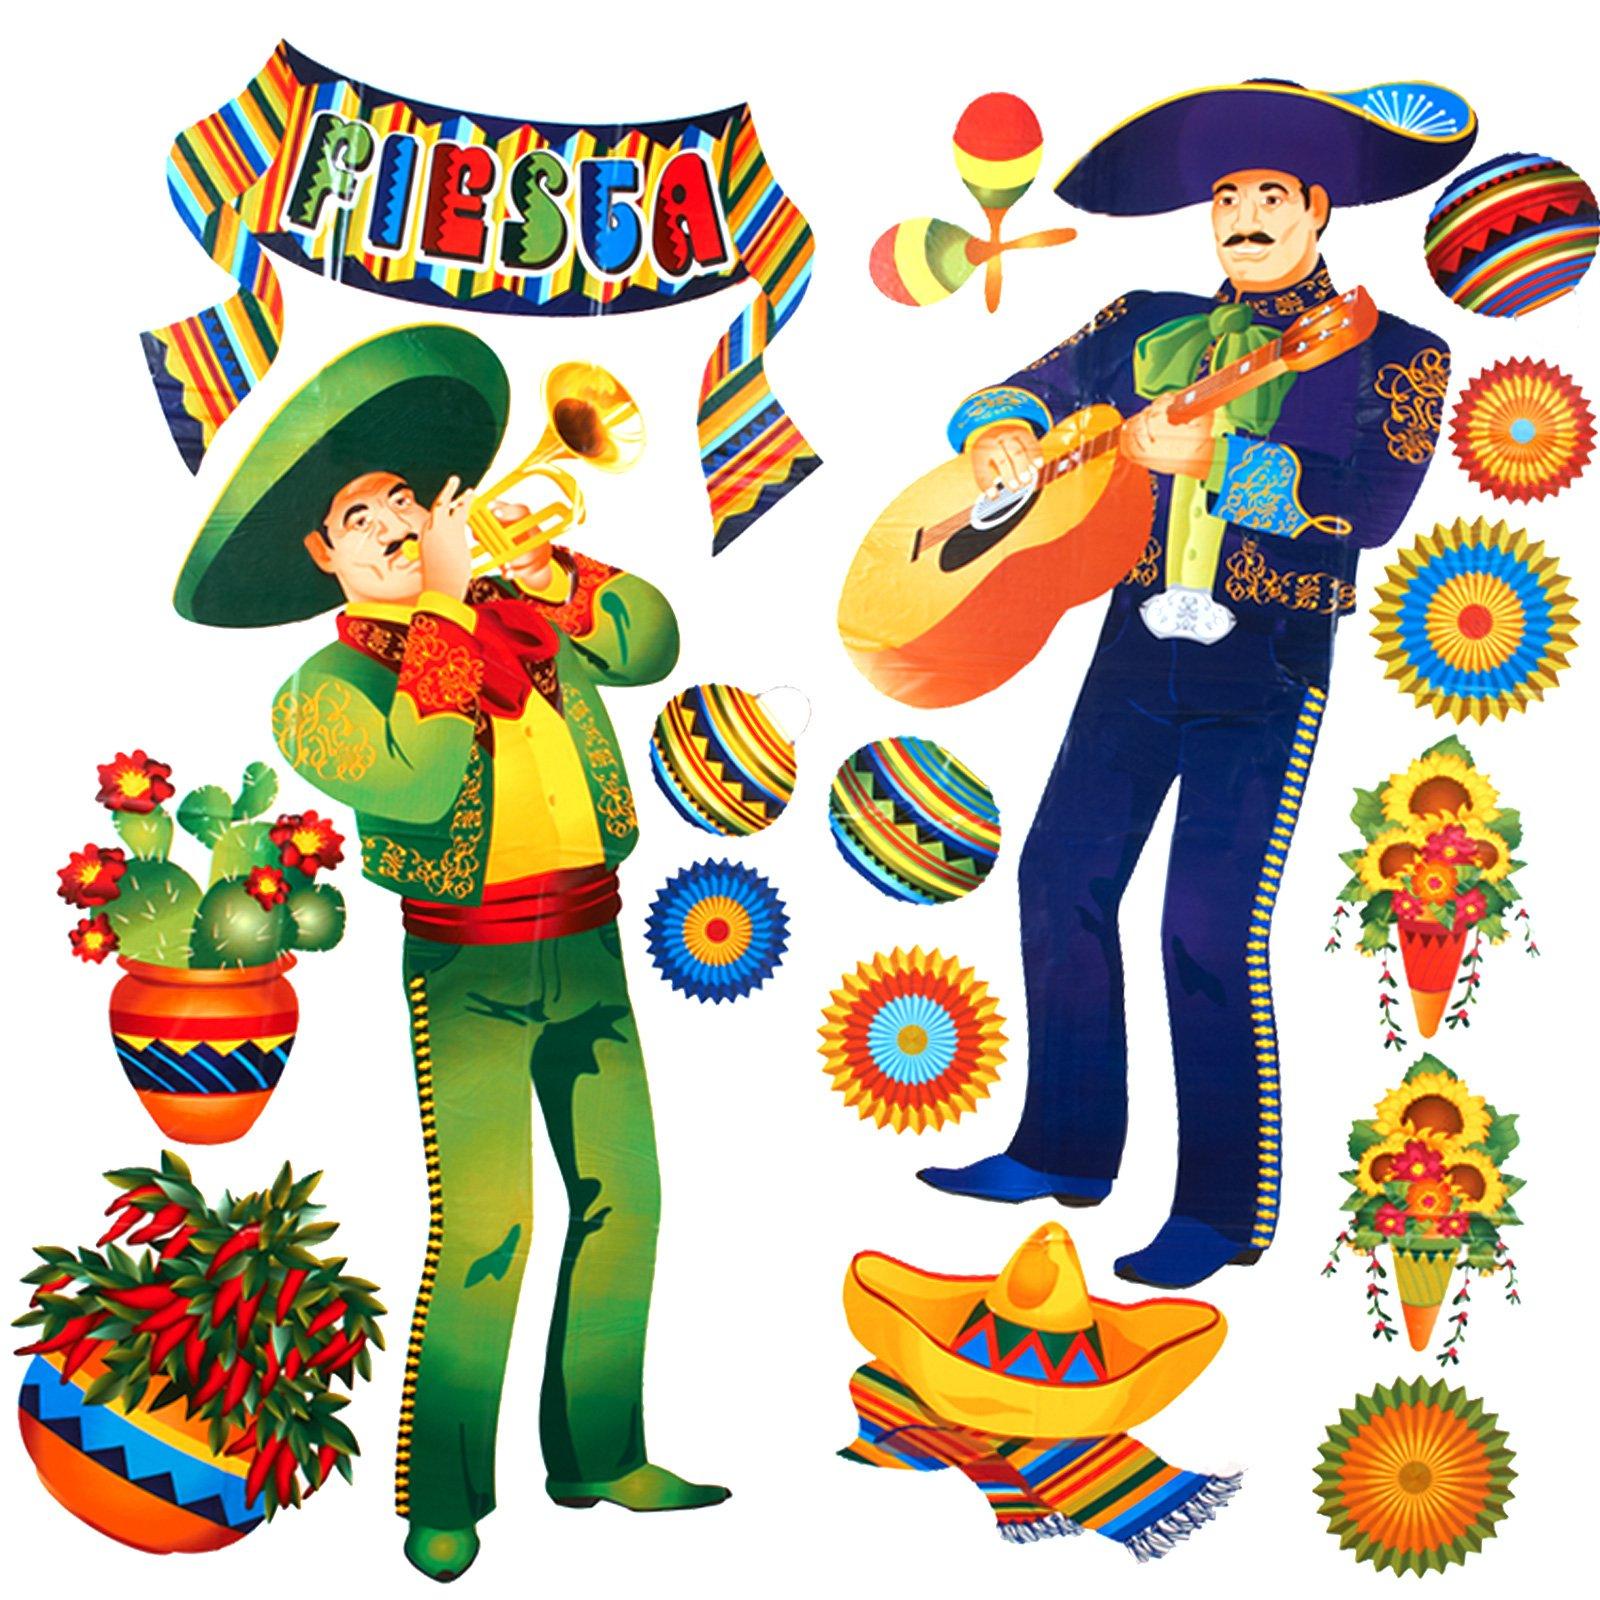 Dance clipart fiesta. Mexican clip art biezumd